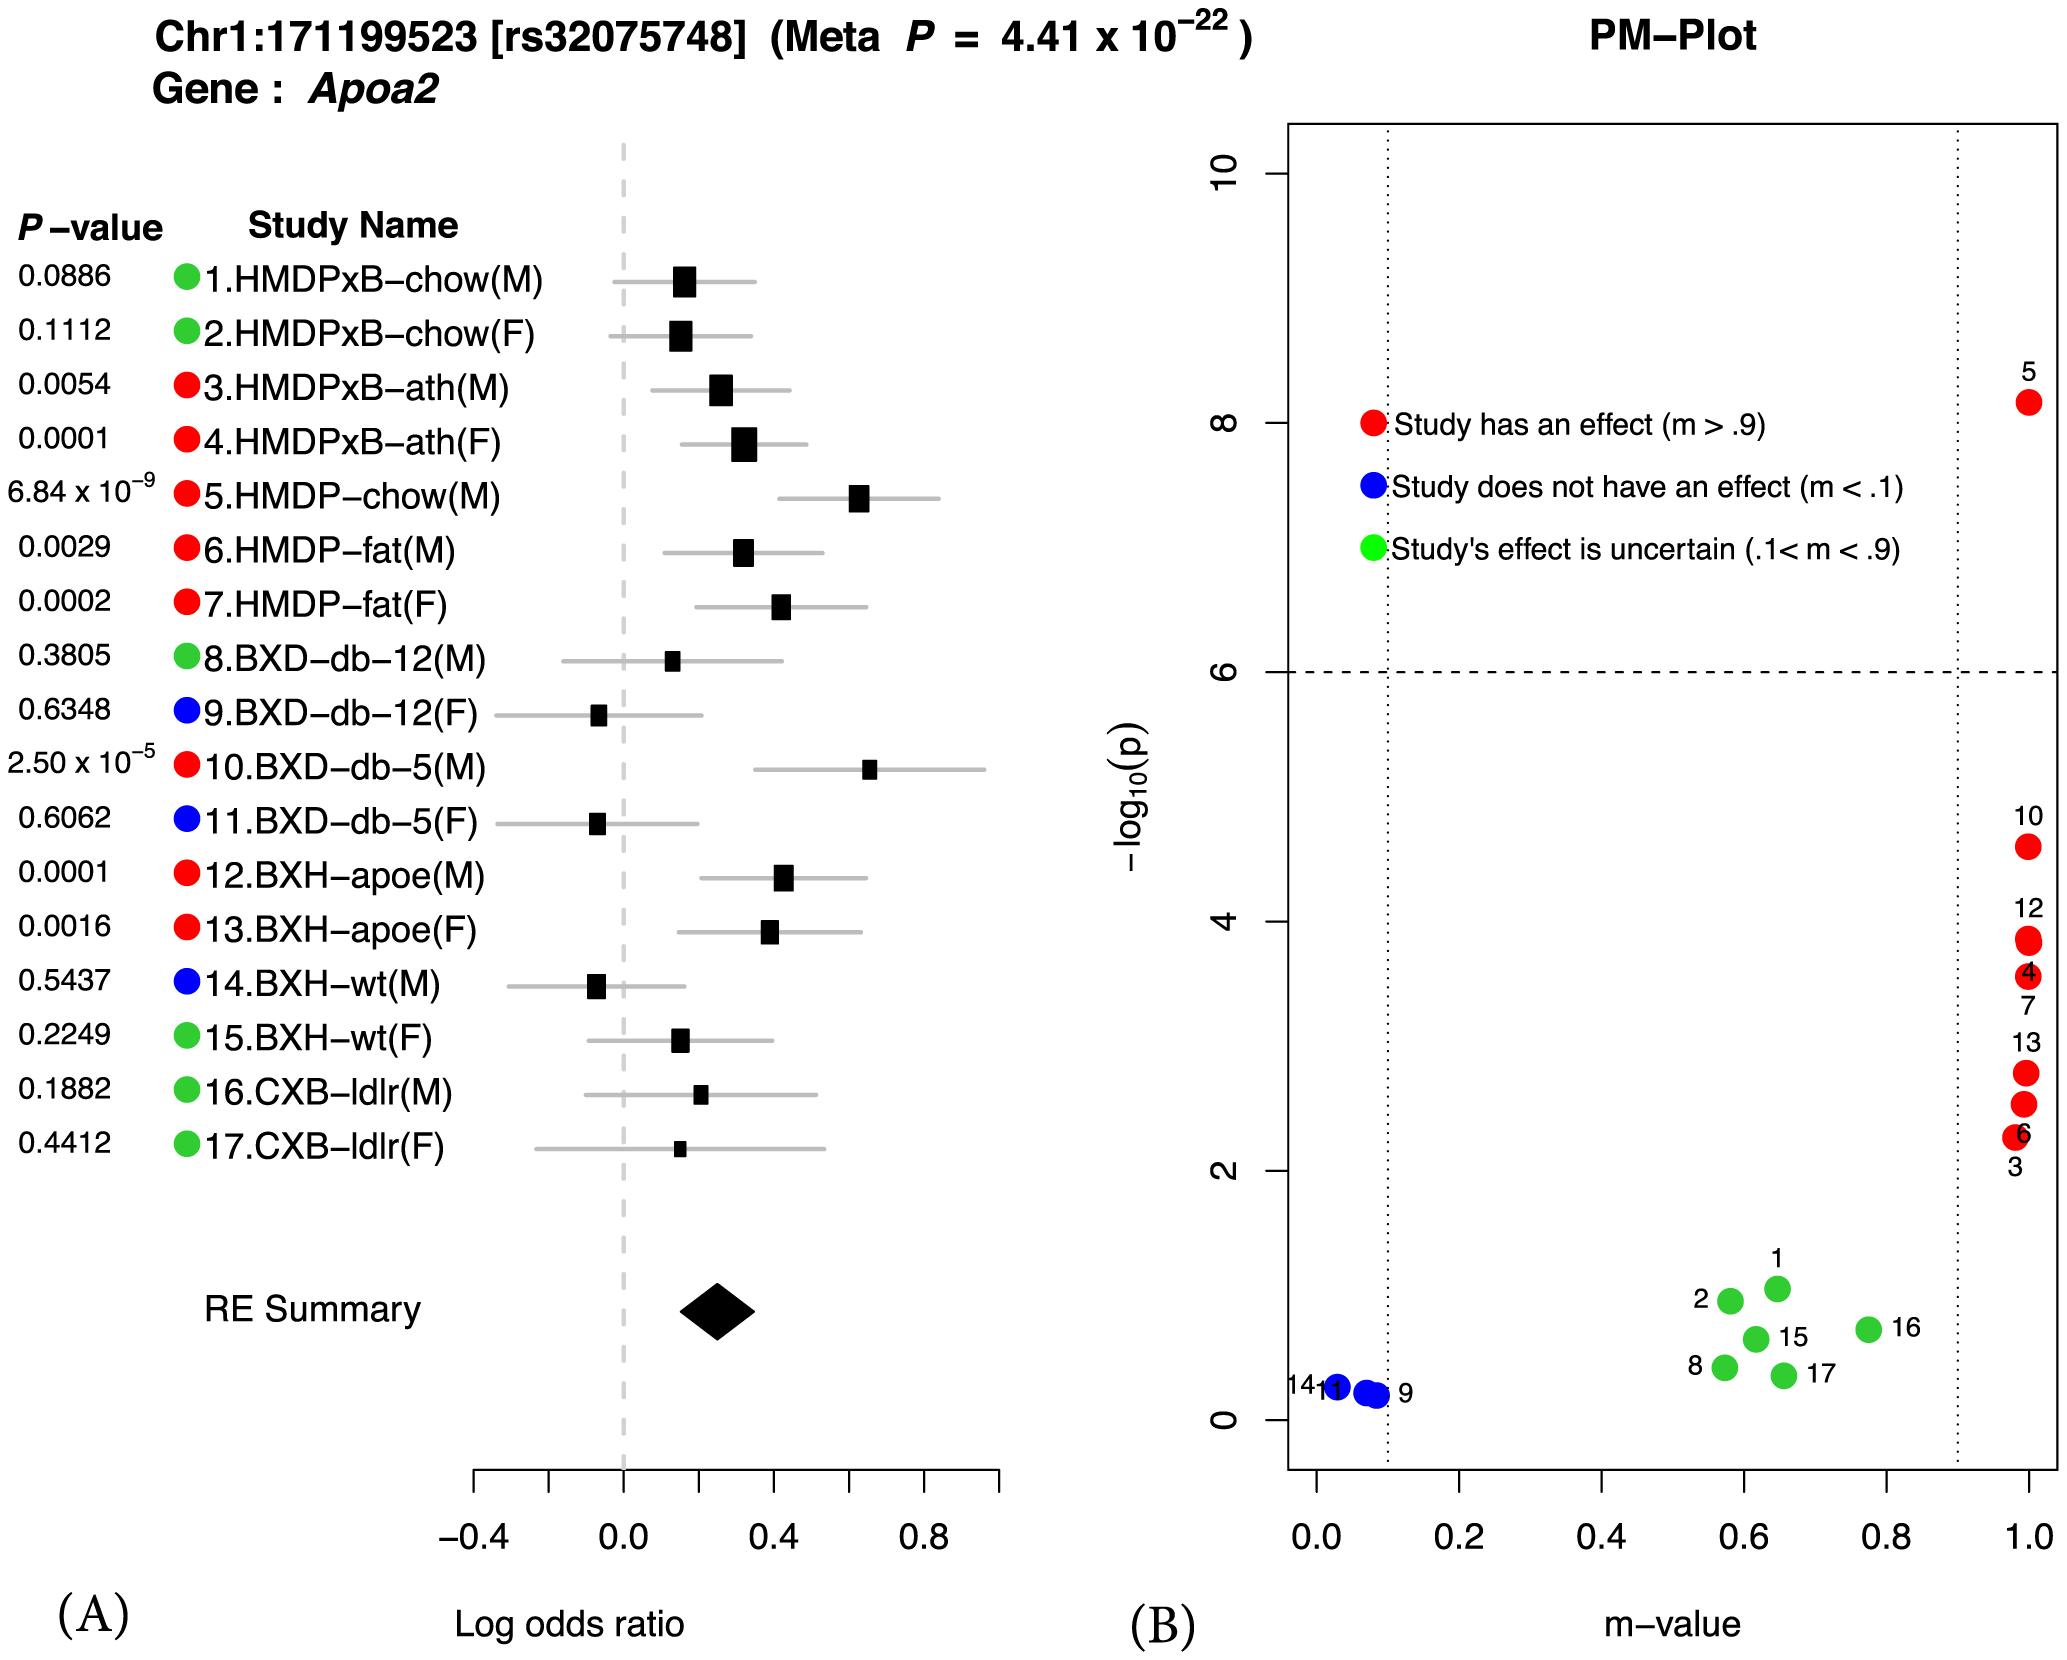 Application of Meta-GxE to <i>Apoa2</i> locus.